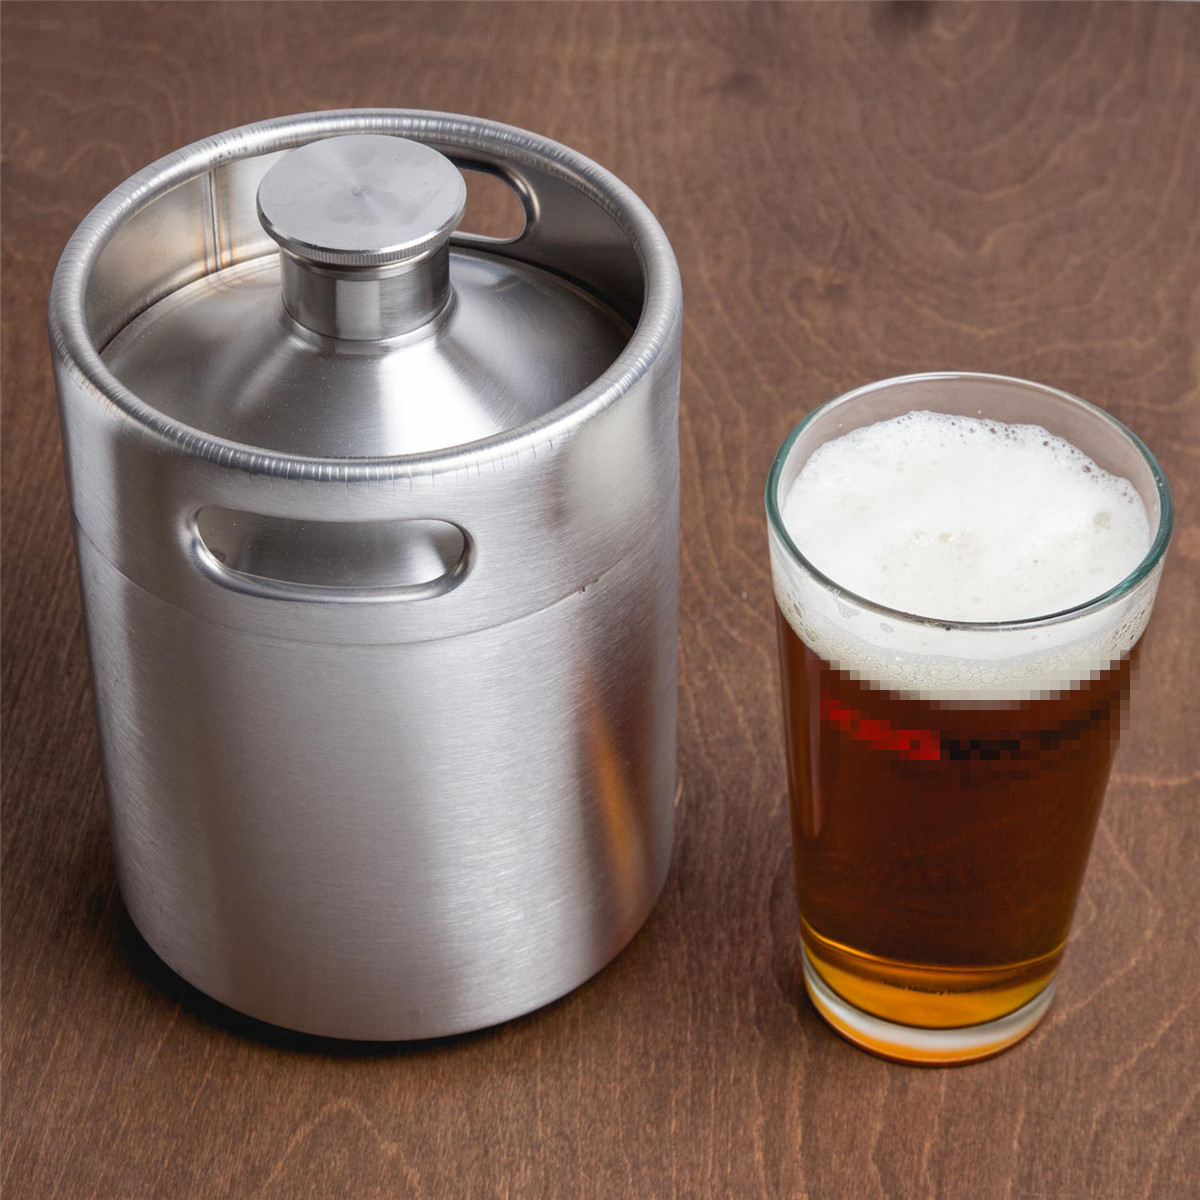 2L 304 de acero inoxidable Mini barril de cerveza presurizado Growler botella de cerveza inicio elaboración de fruta vino equipo de cerveza herramienta para hacer Pub en casa